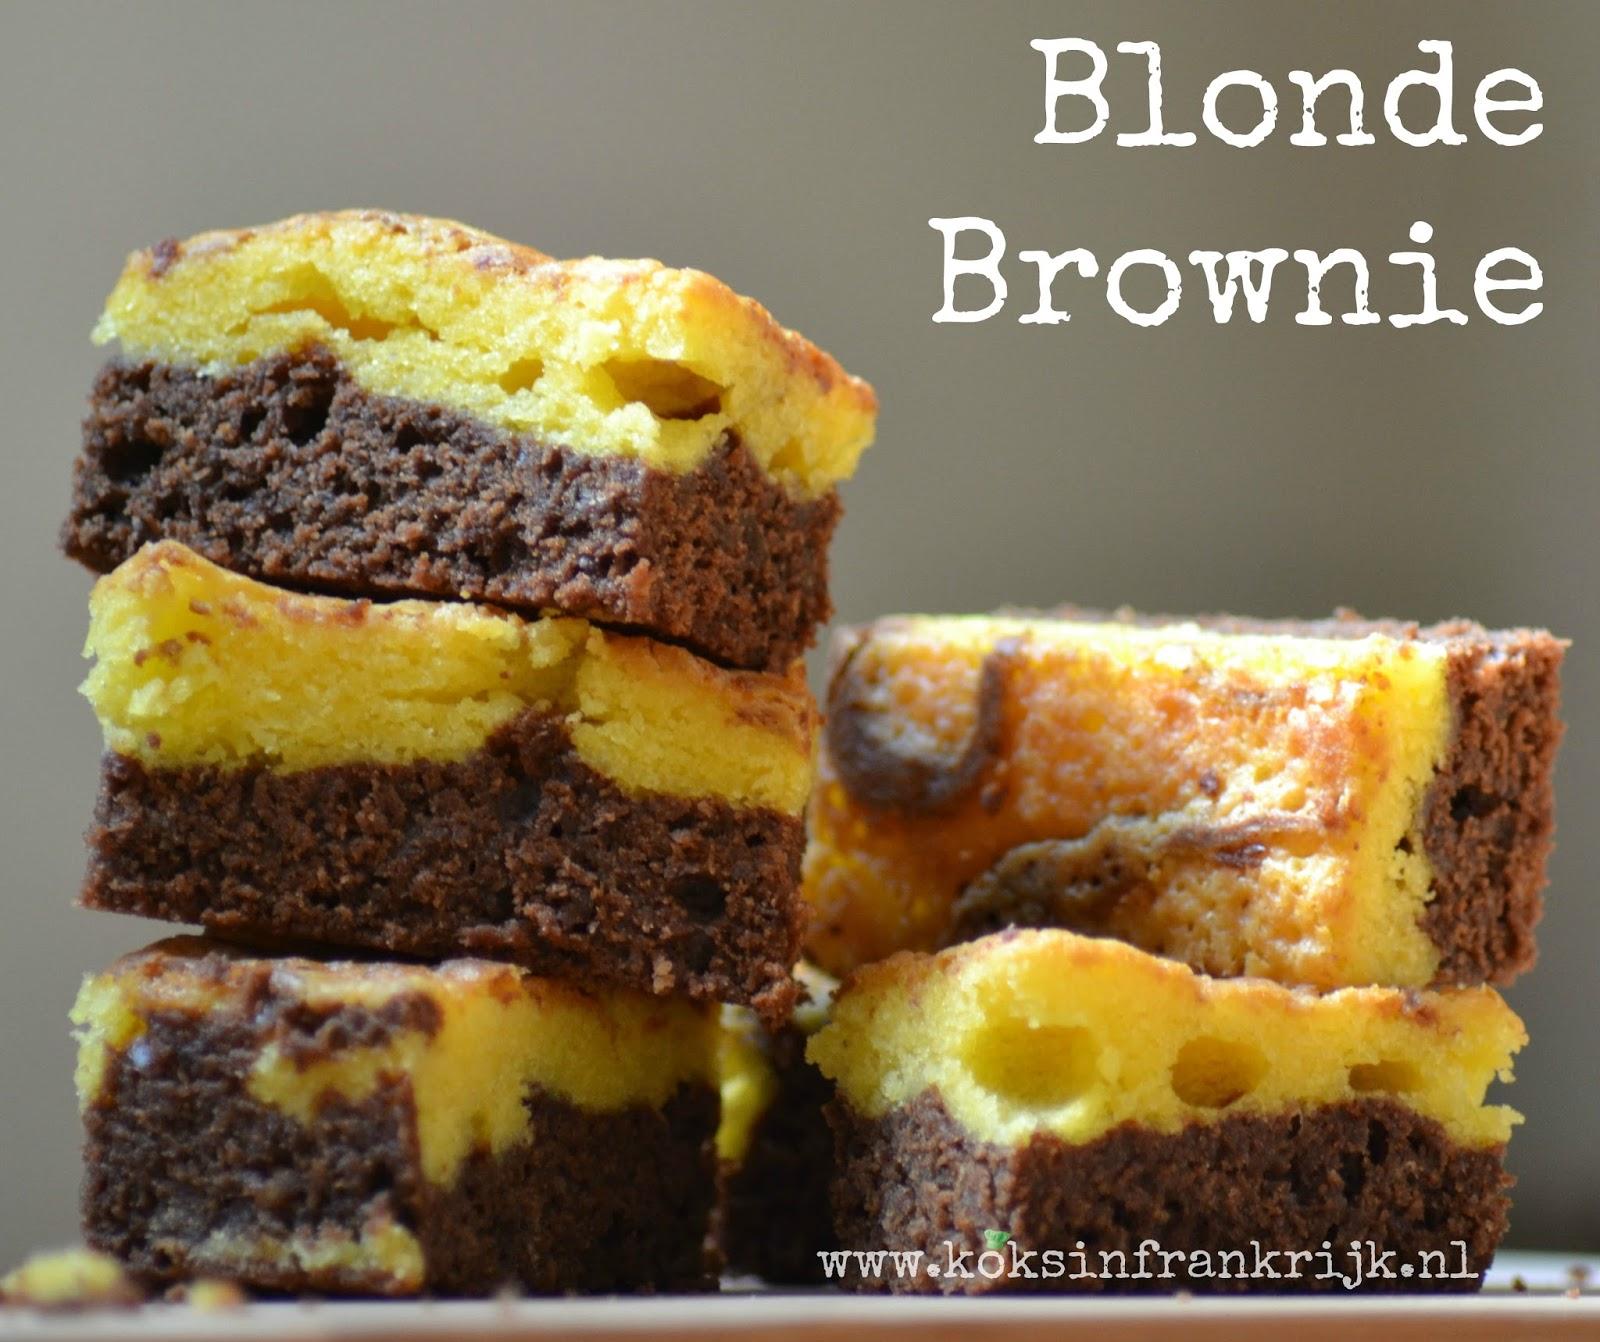 Blonde brownie - smeuïge cake met witte en pure chocolade